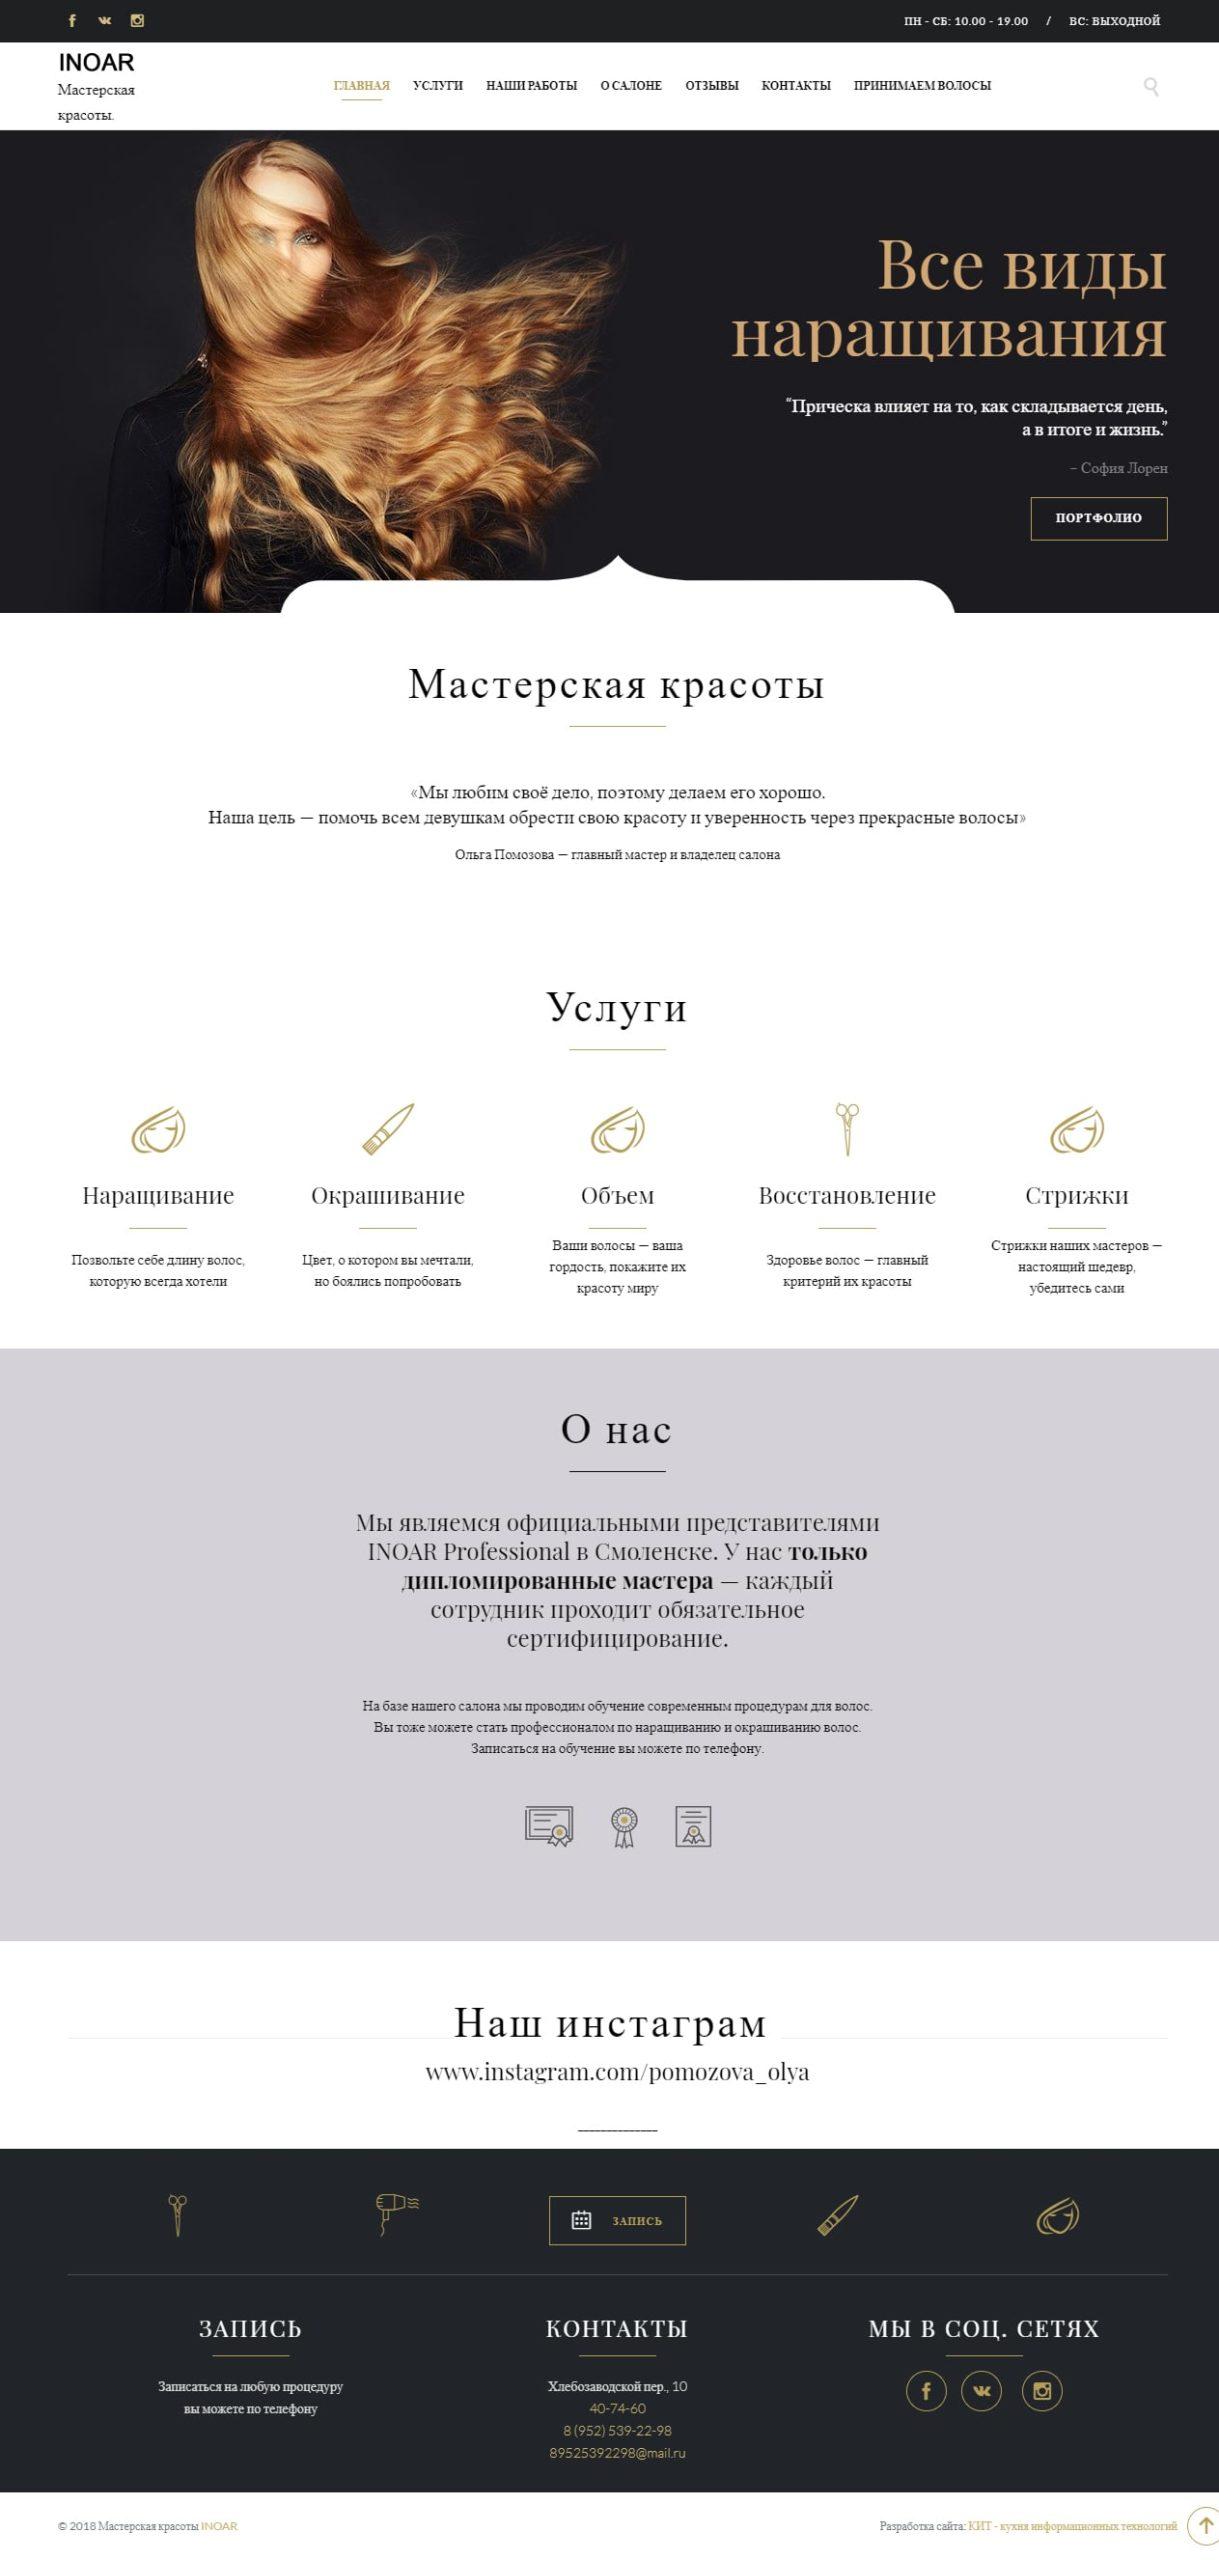 Сайт мастерской красоты INOAR